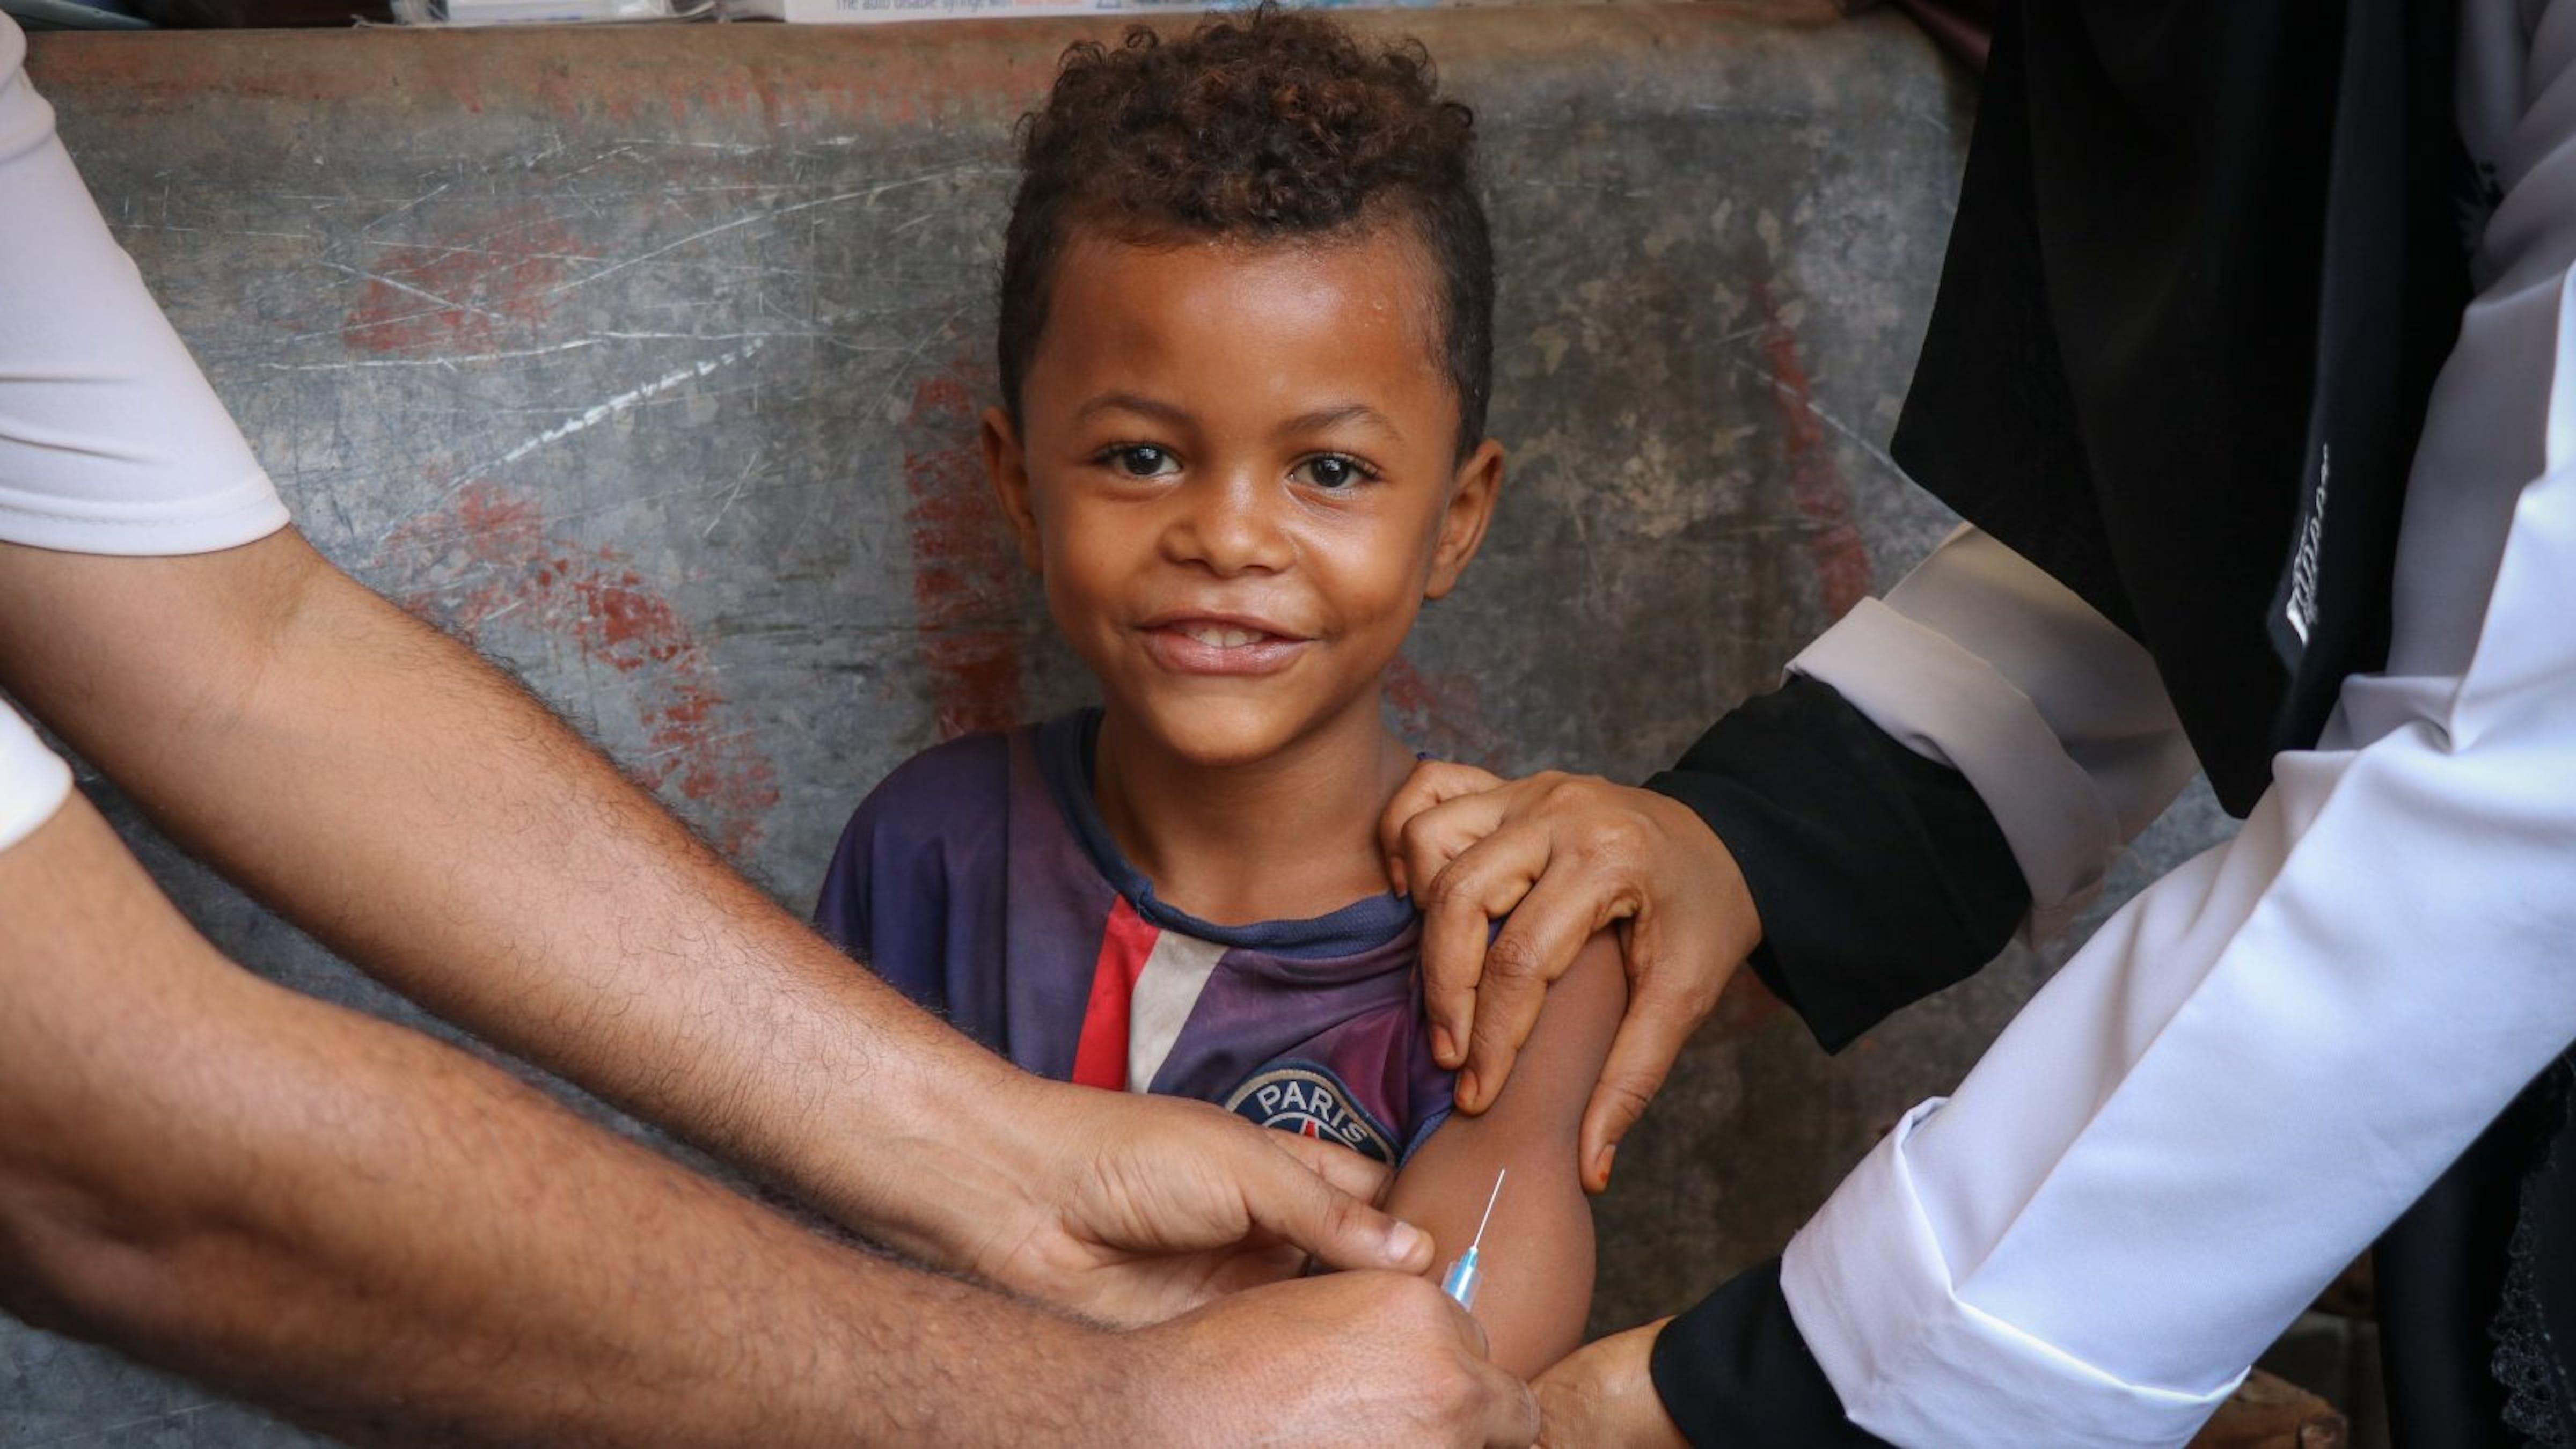 Bambino sta per ricevere un vaccino